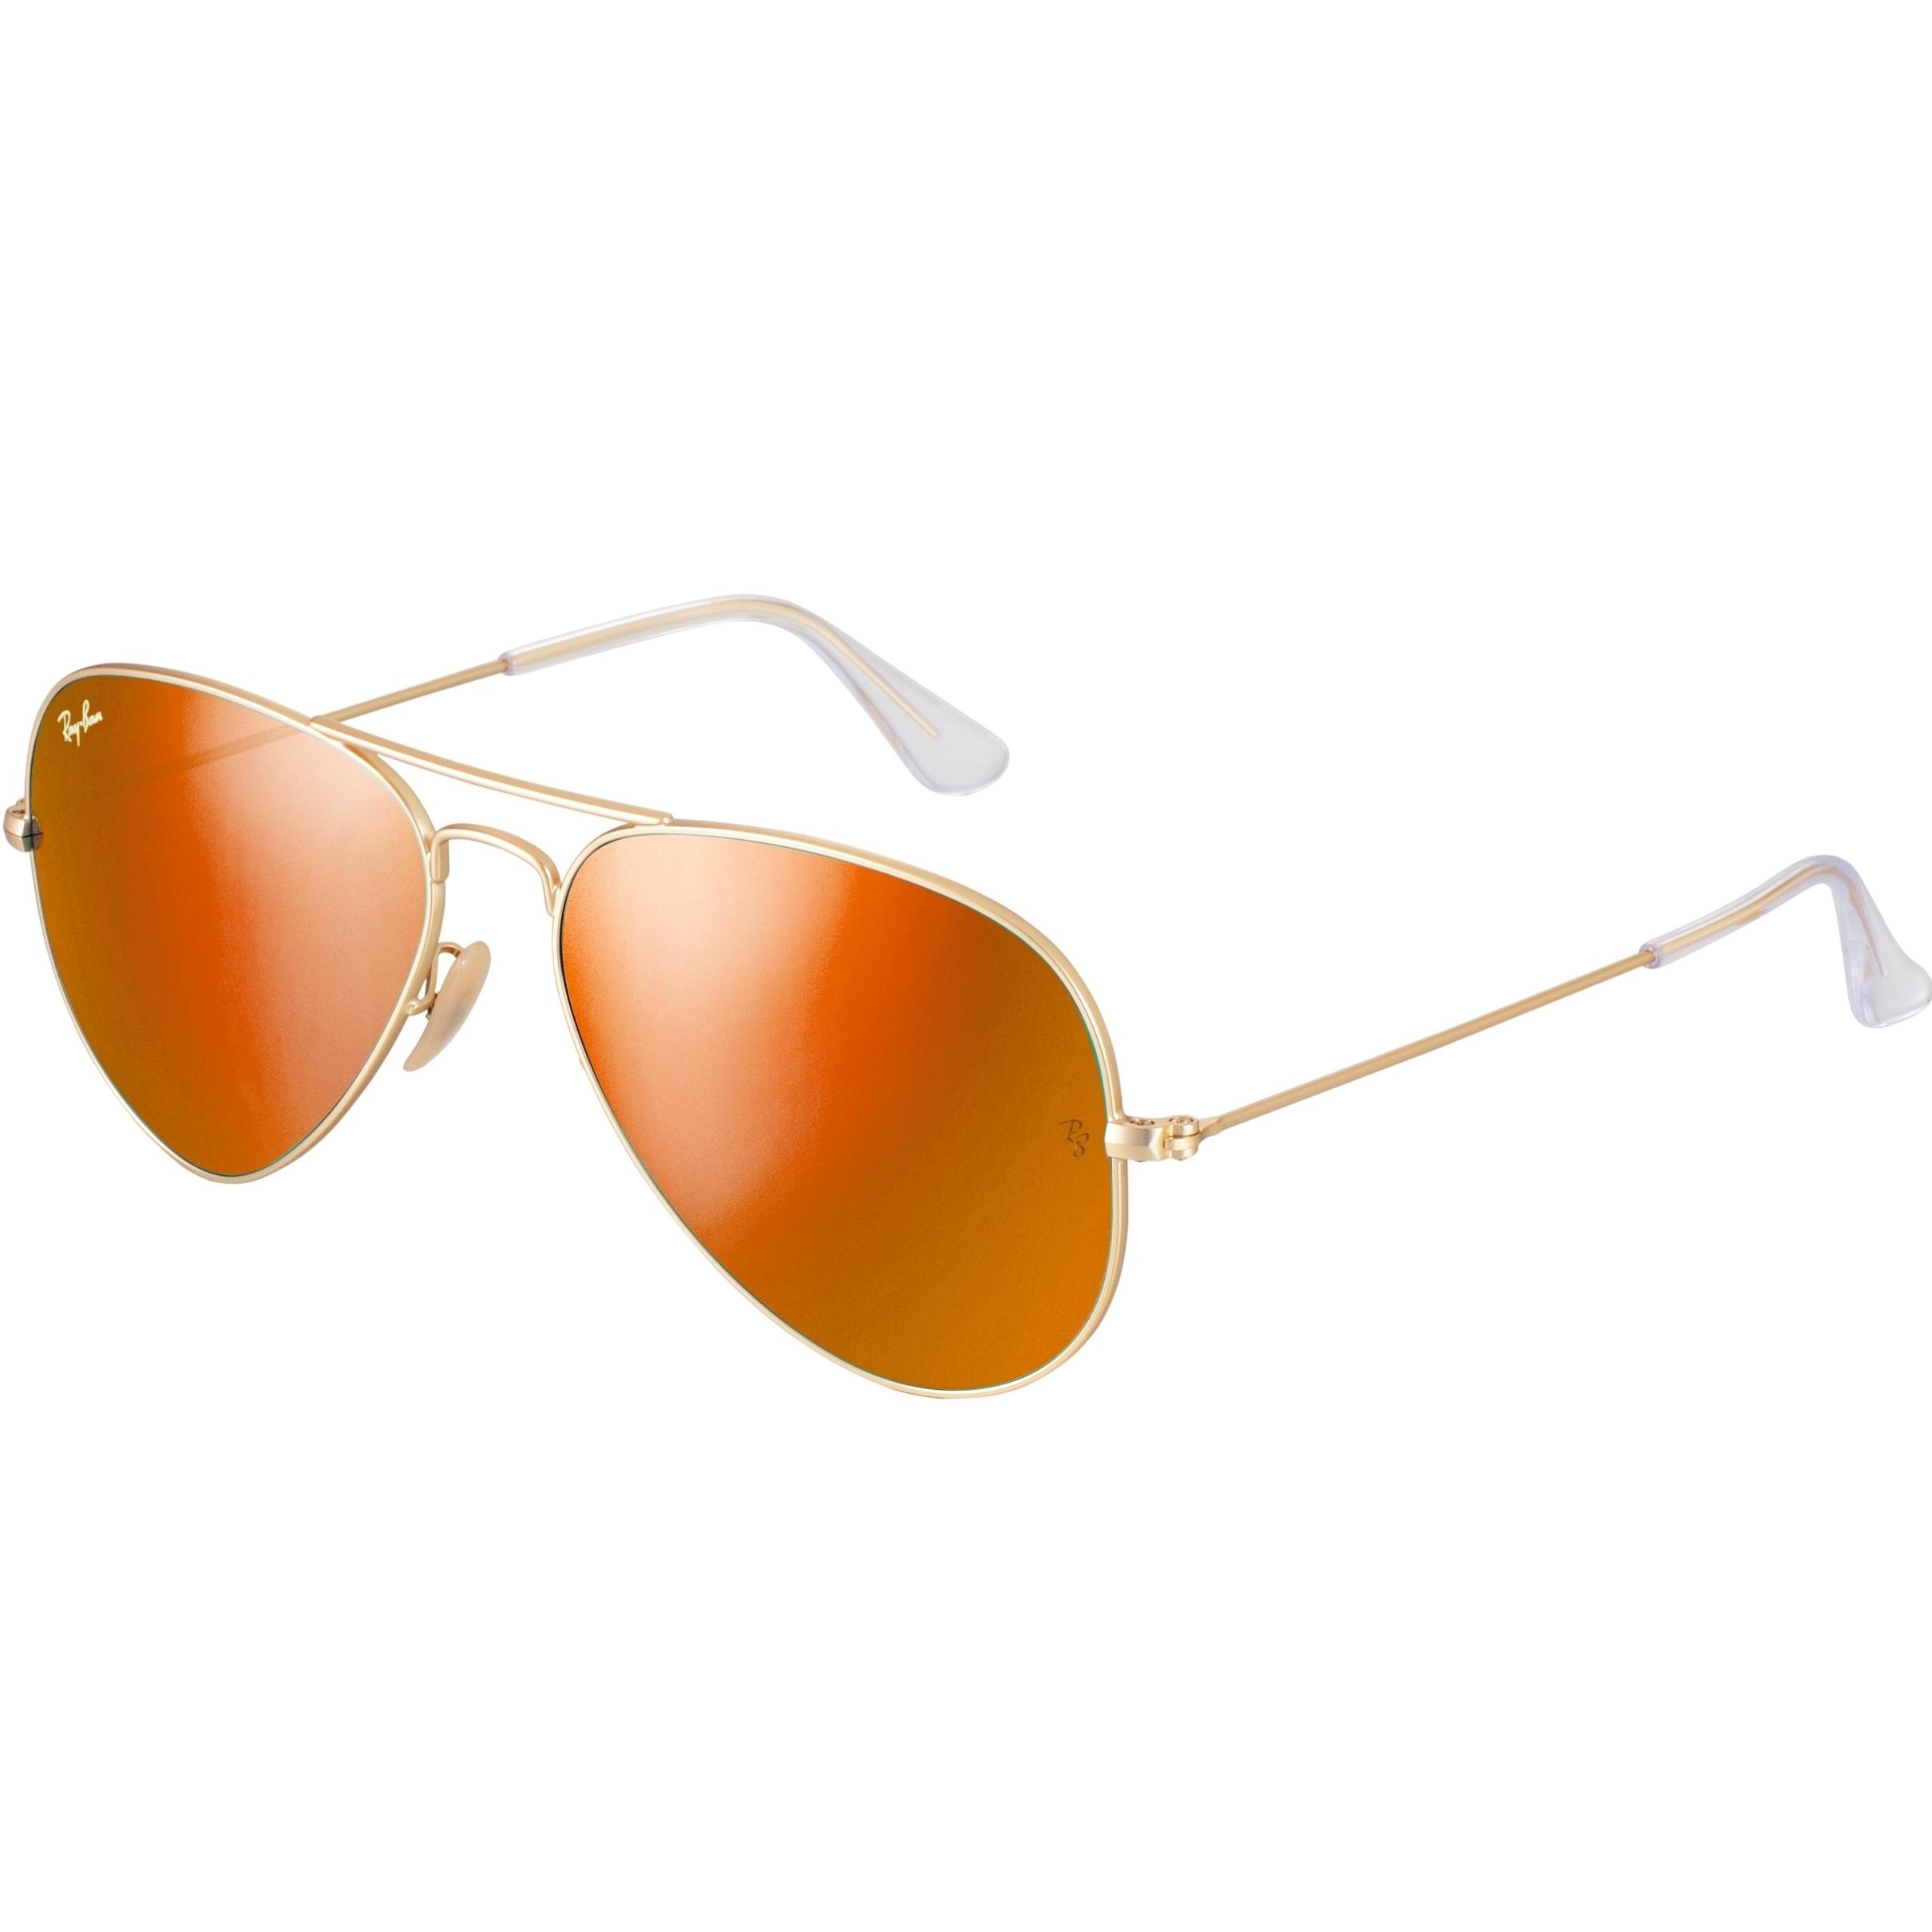 8bf56a5a6 Atacados 25 :: Óculos Ray Ban Aviador - Modelo Unissex com Armação Dourada  e Lentes Espelhadas Laranja